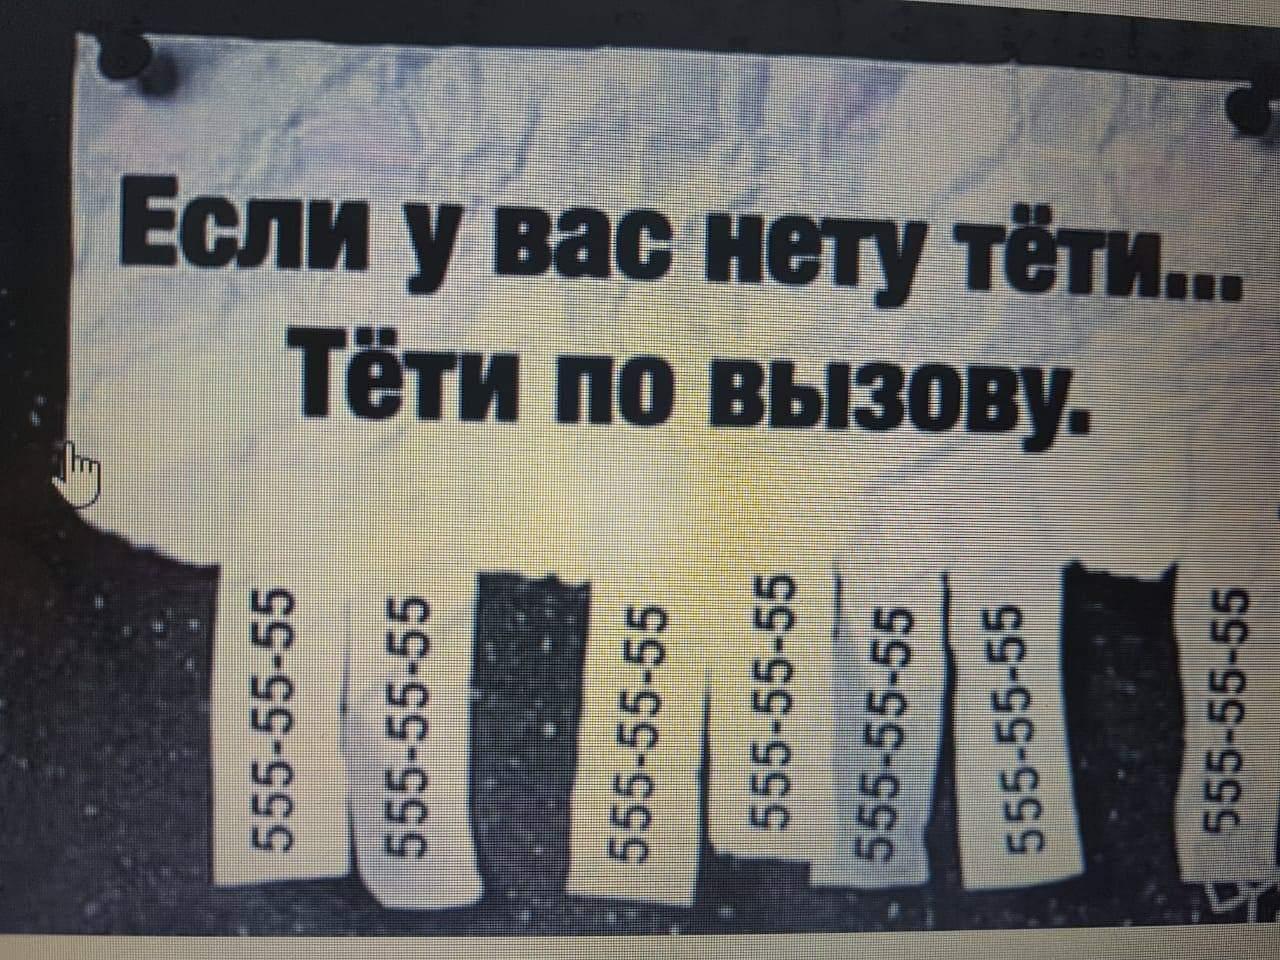 http://sg.uplds.ru/Zte7E.jpg